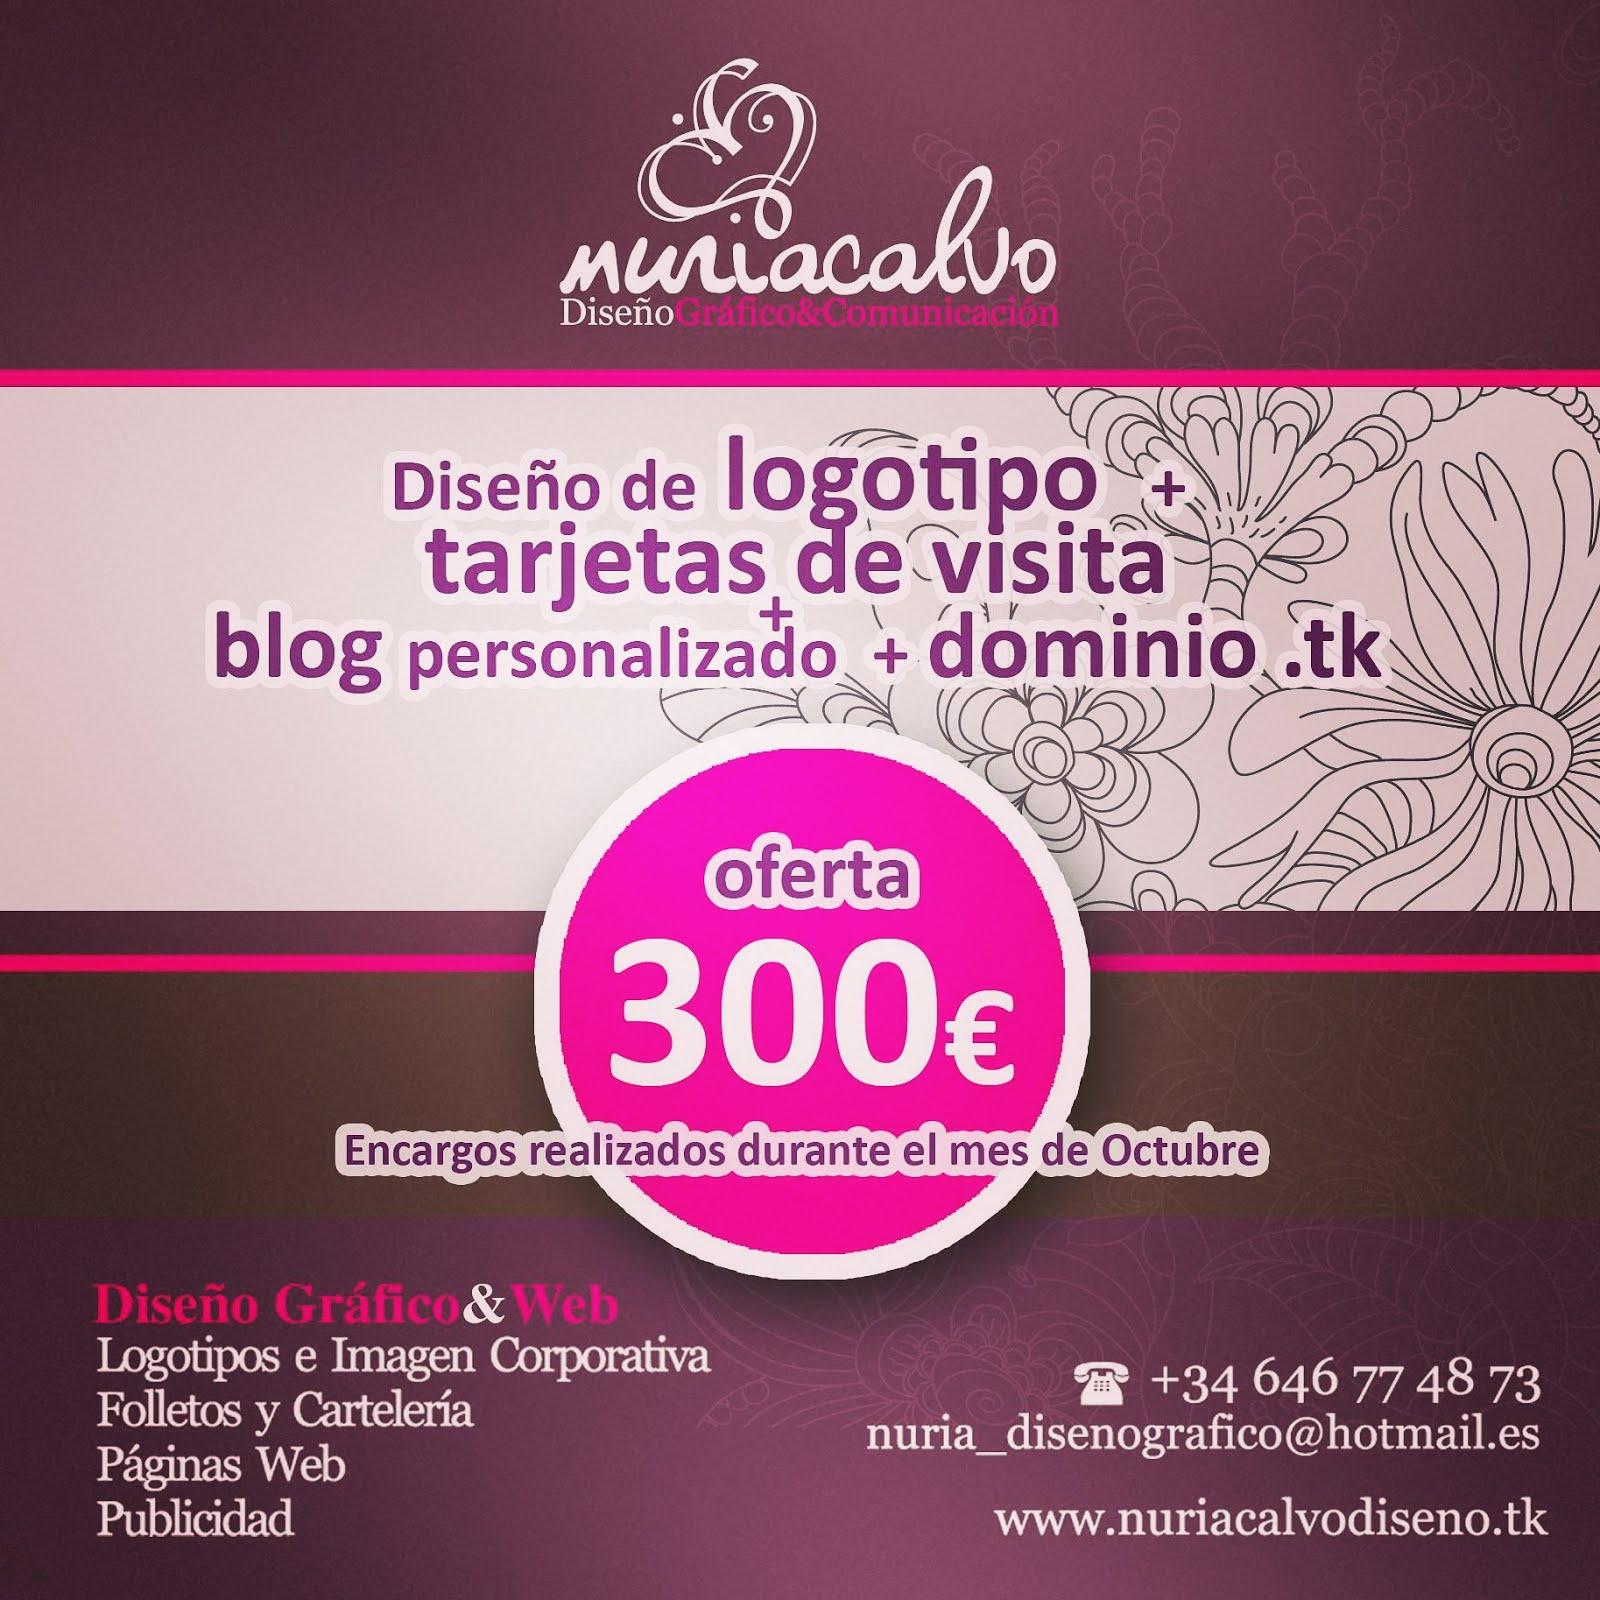 Nuria Calvo Diseño Grafico&Comunicación